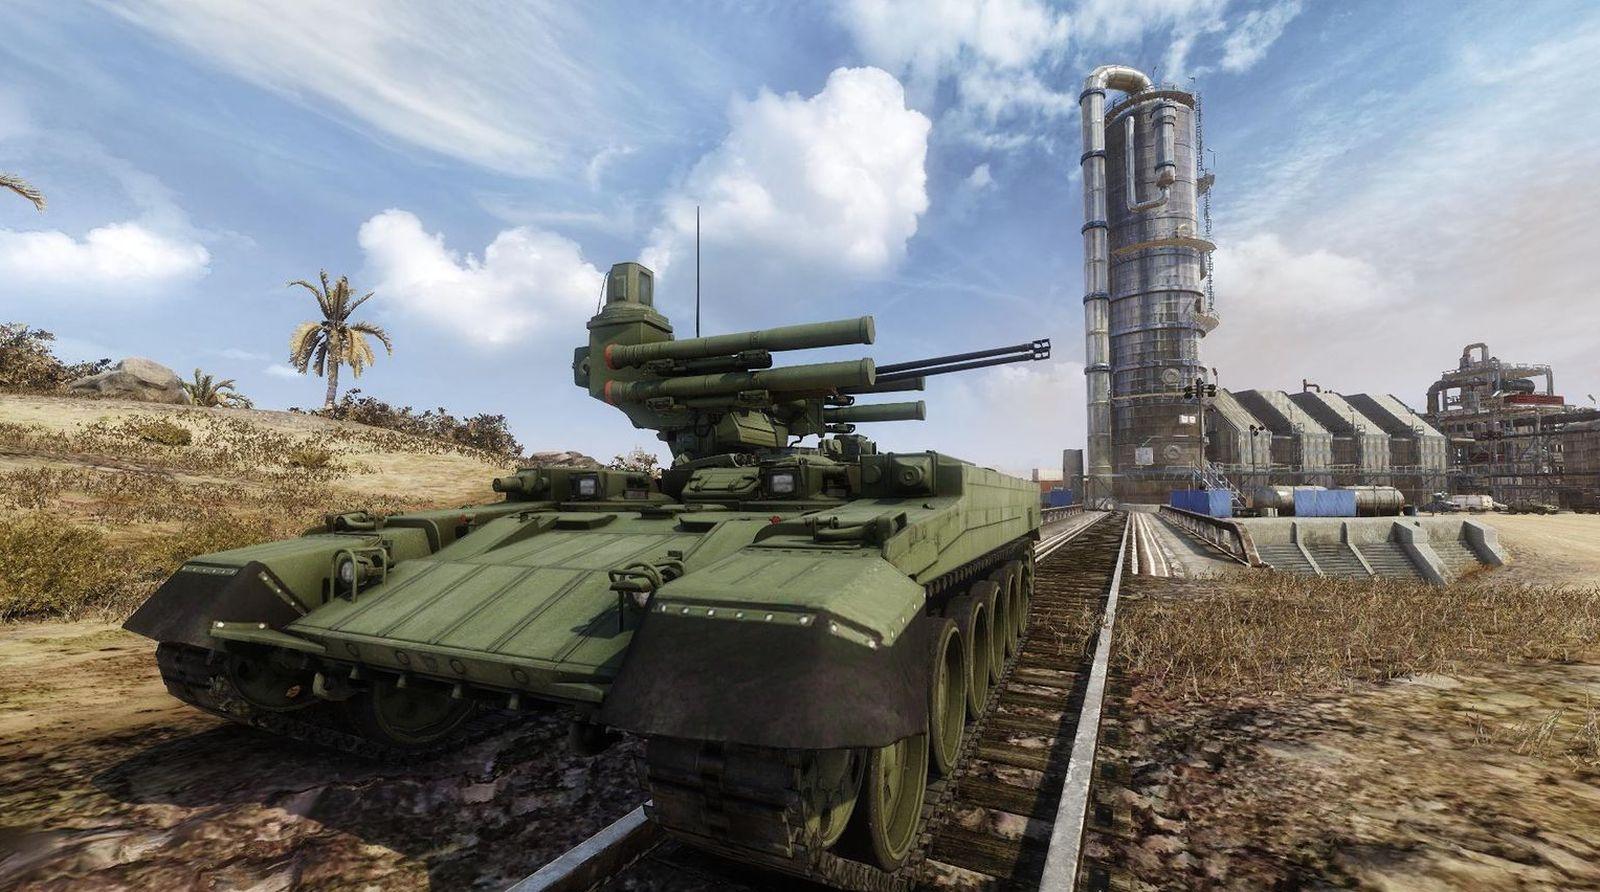 проект армата танк картинки очень сочные